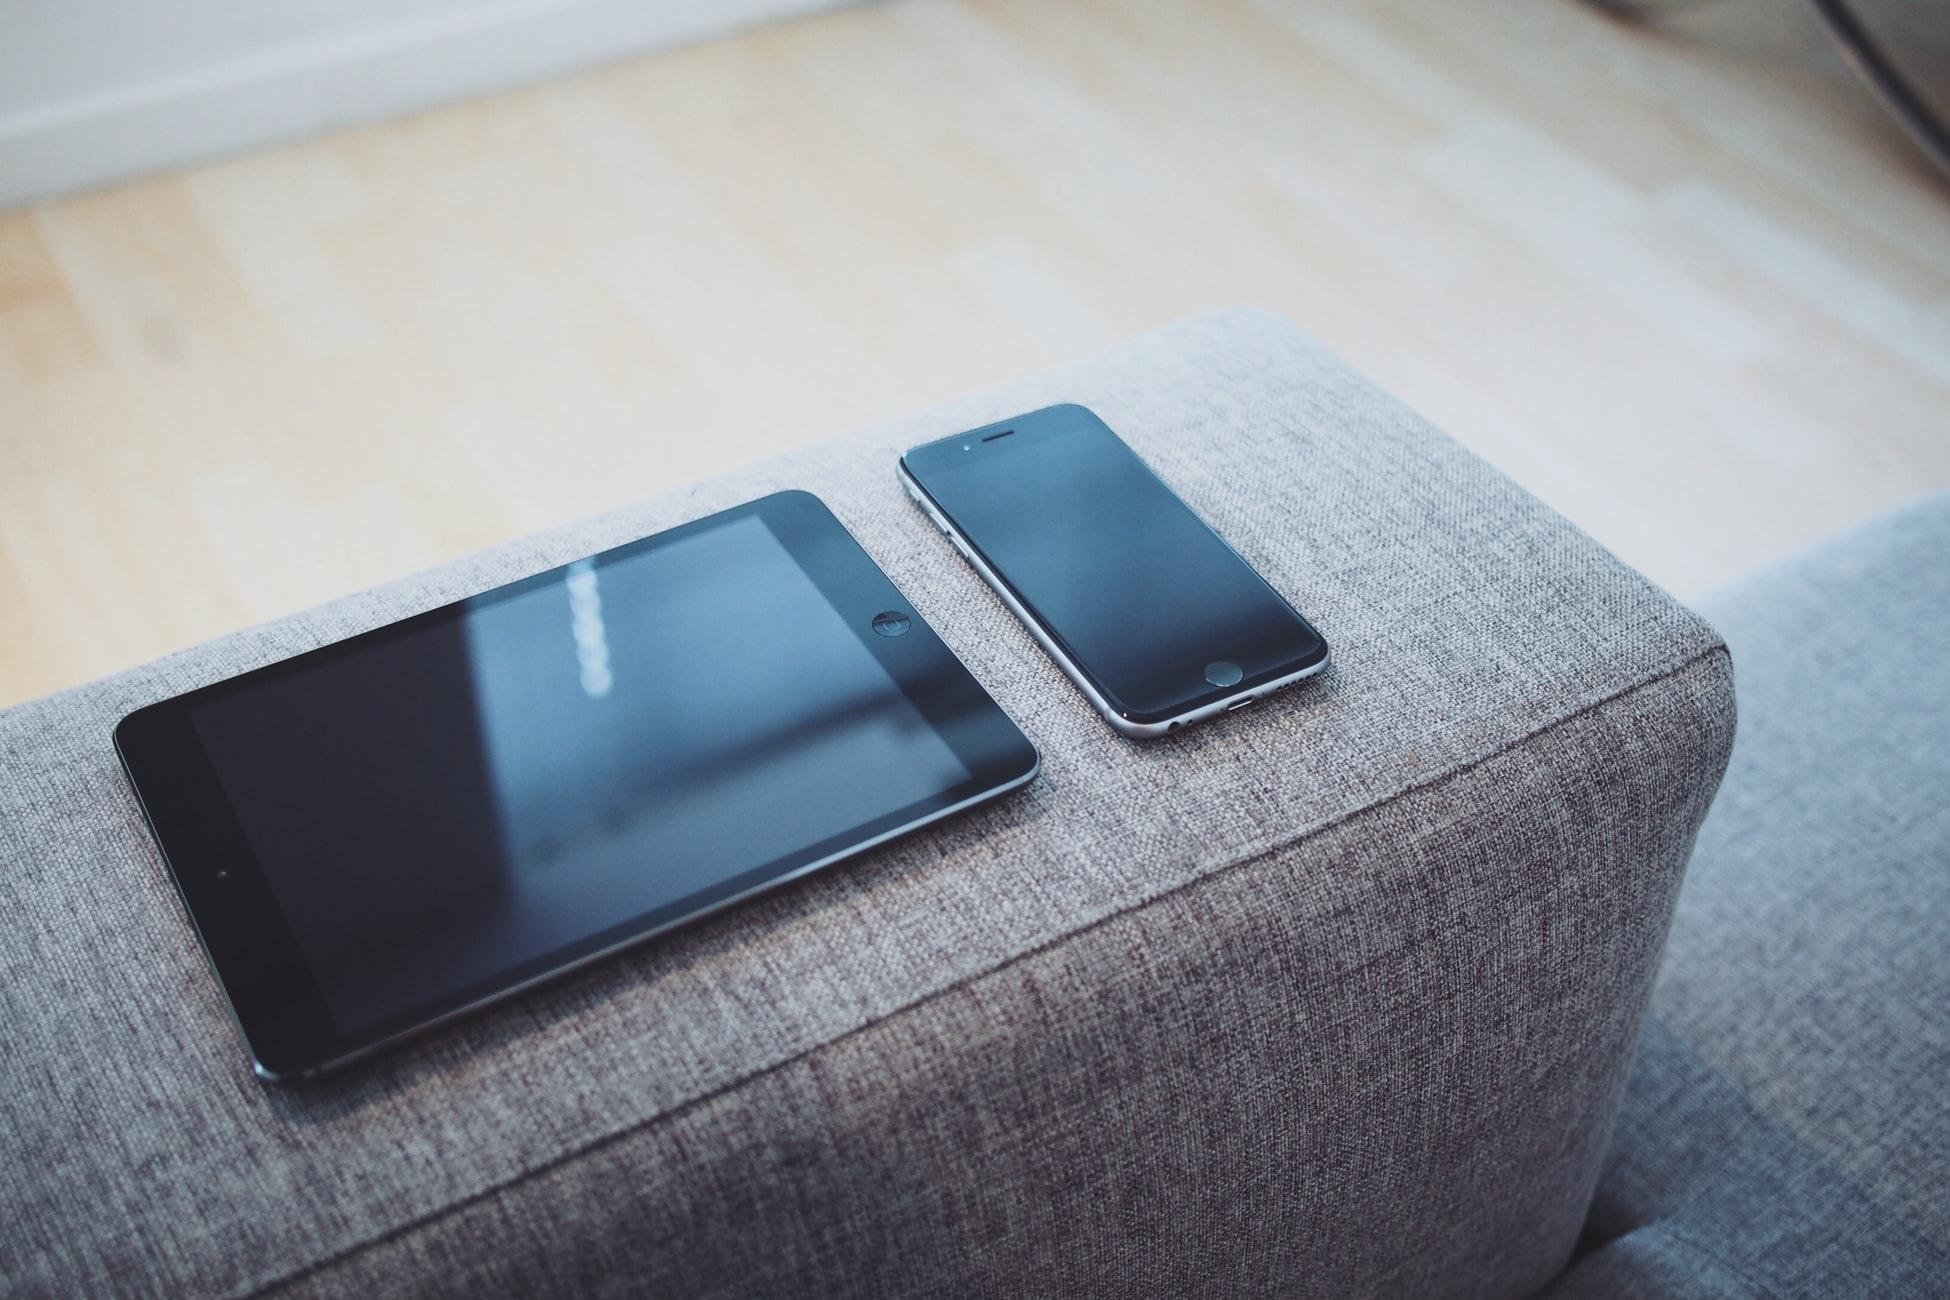 iPhoneに比べたらケース類が少ないのがネック